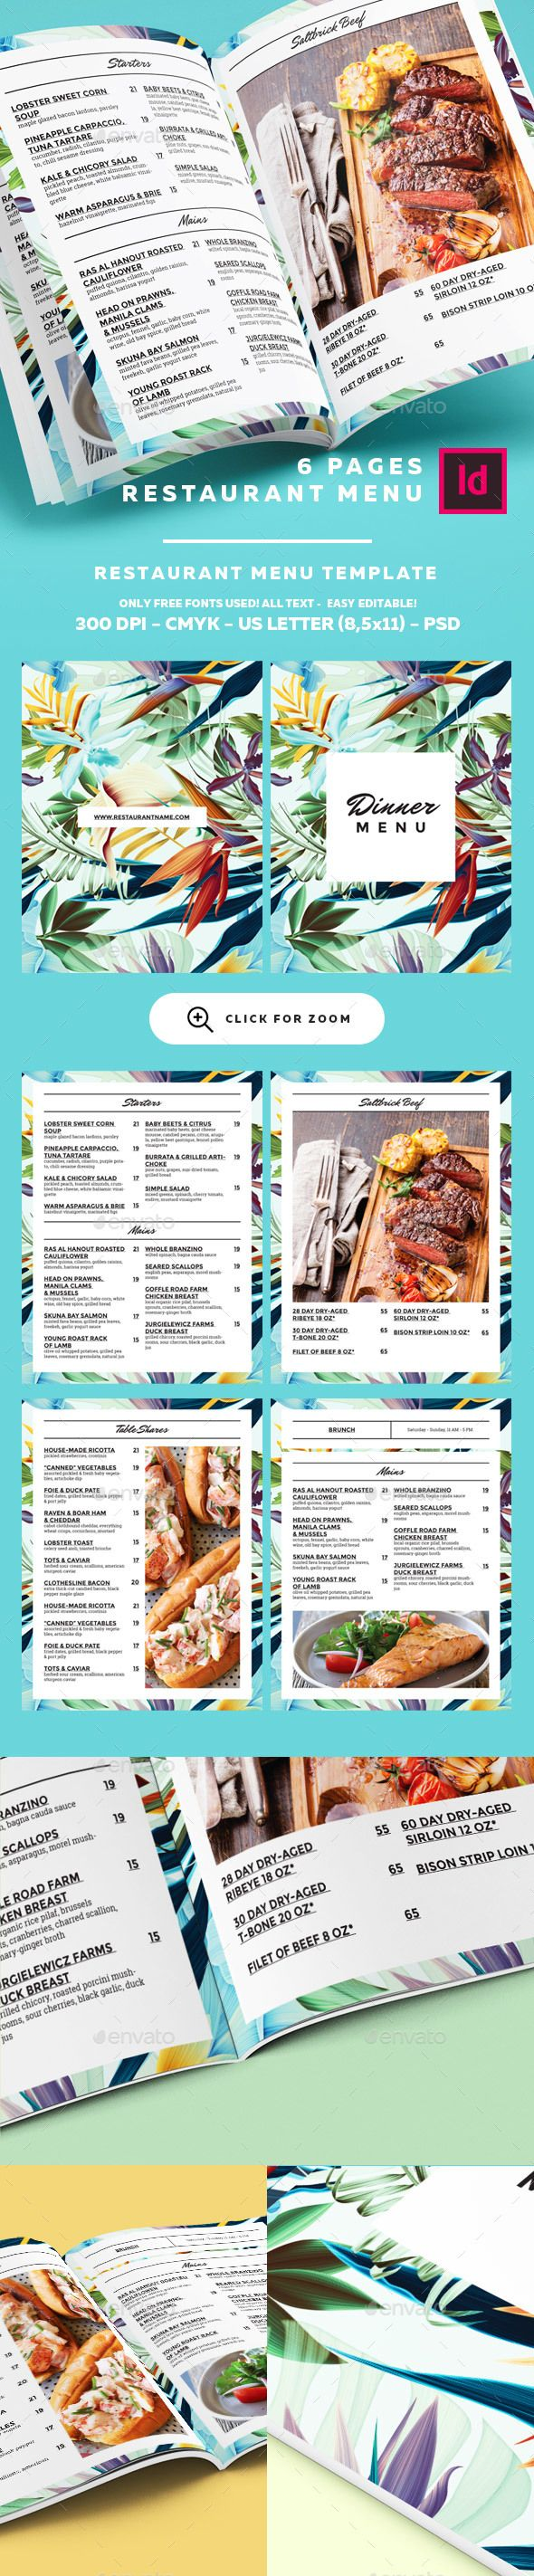 Restaurant Menu | Restaurante, Diseño de menu y Menus restaurantes